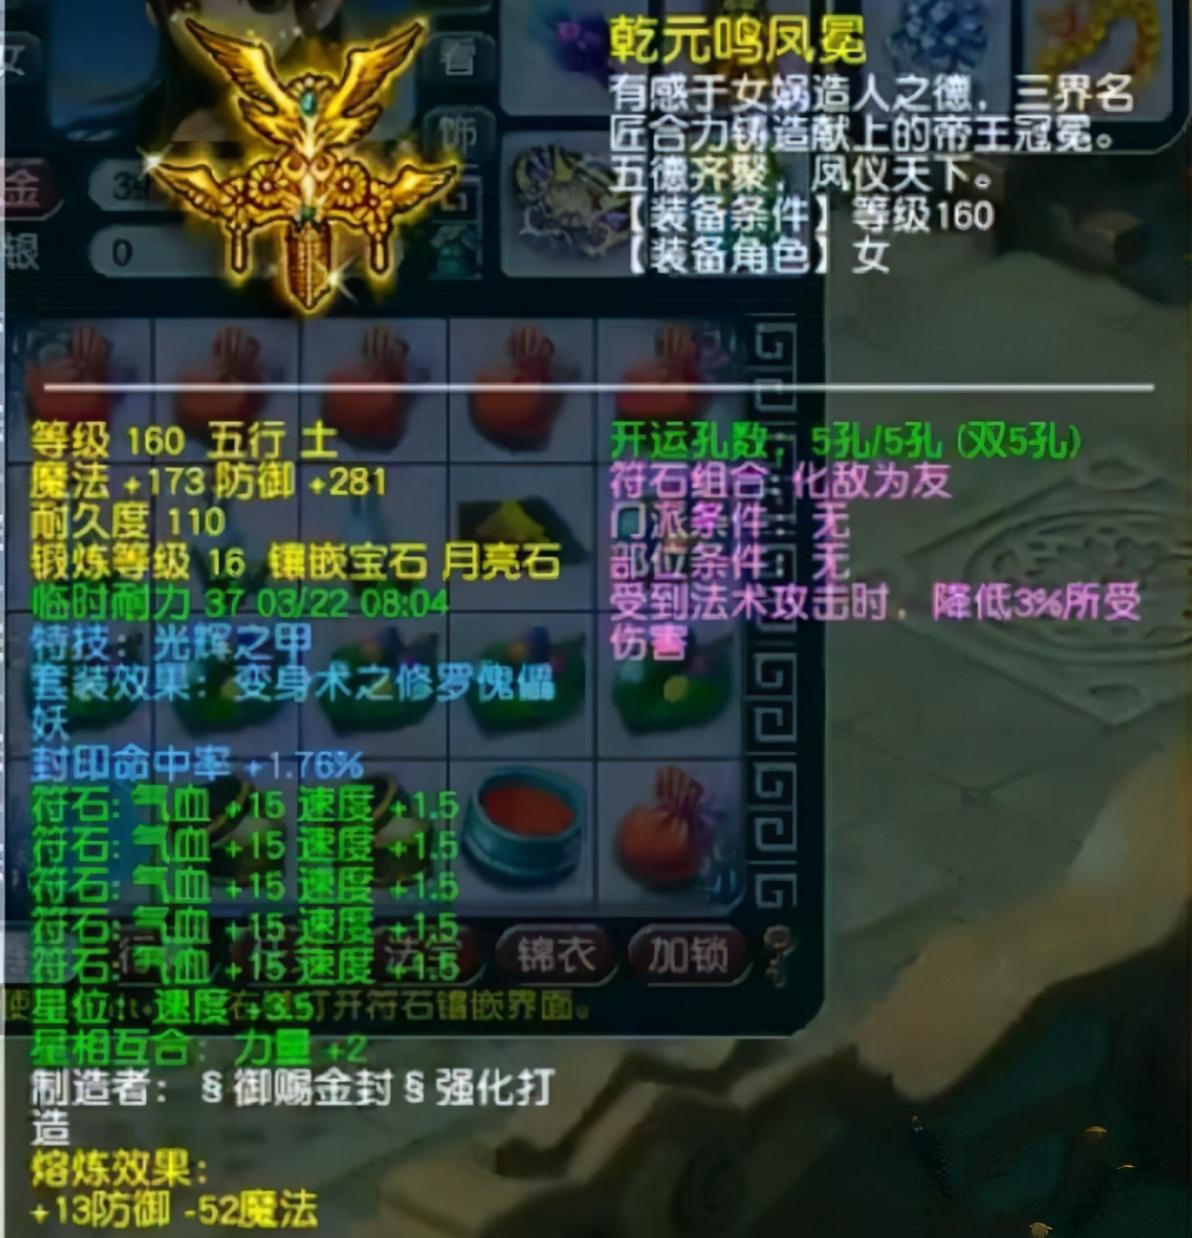 夢幻西游:珍寶閣新老板裝備展示,加盟后的第一次武神壇就奪冠